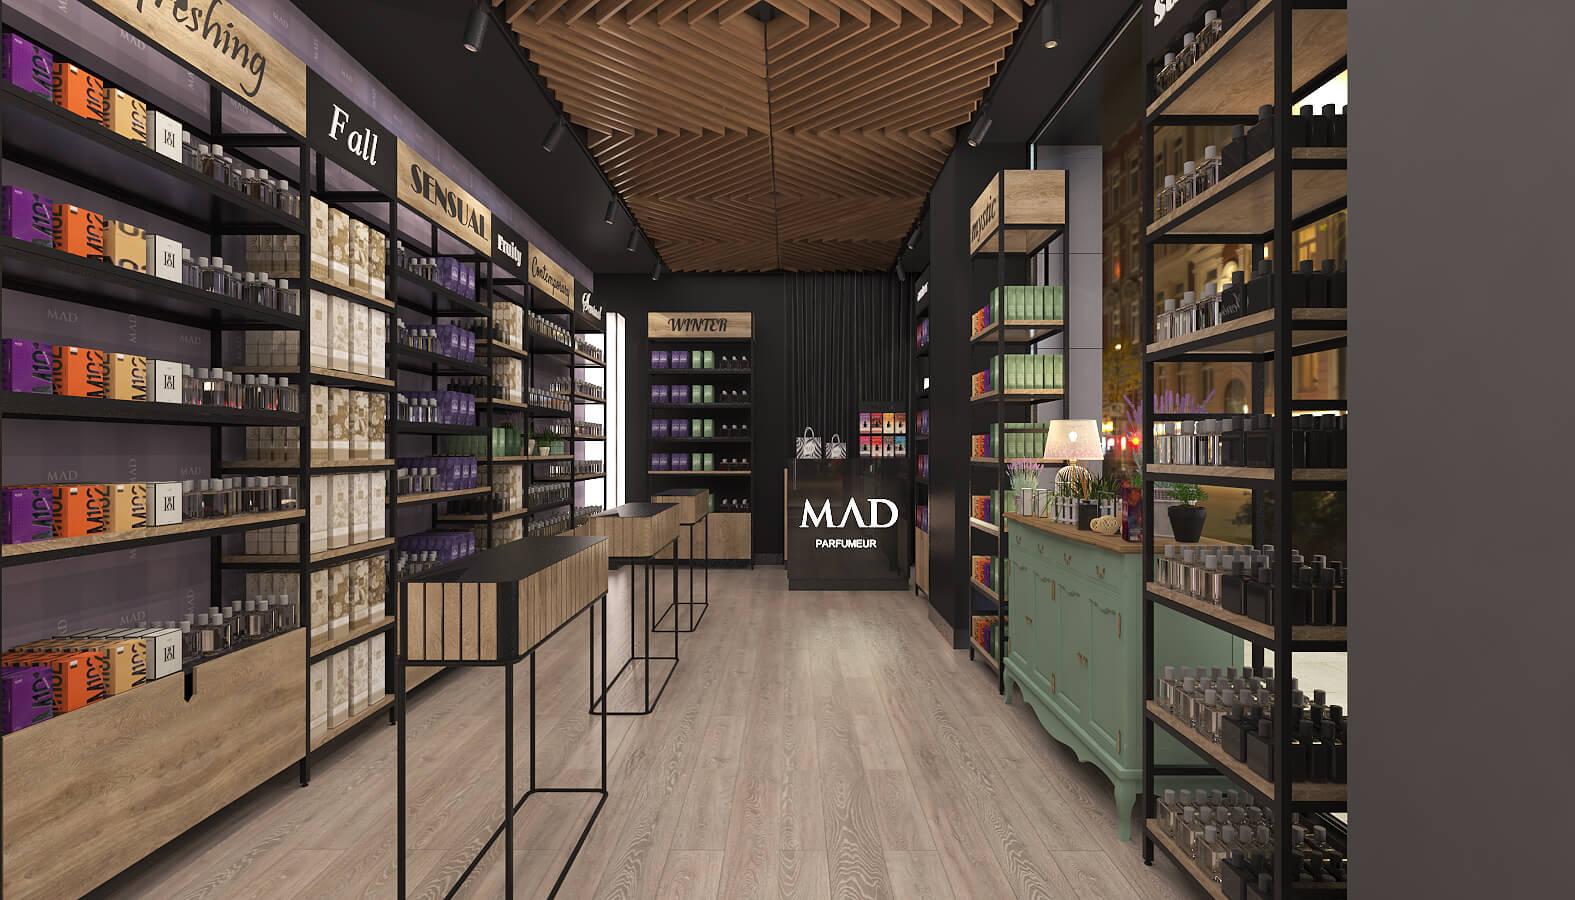 shop design 3687 Mad Parfumer Store Retail